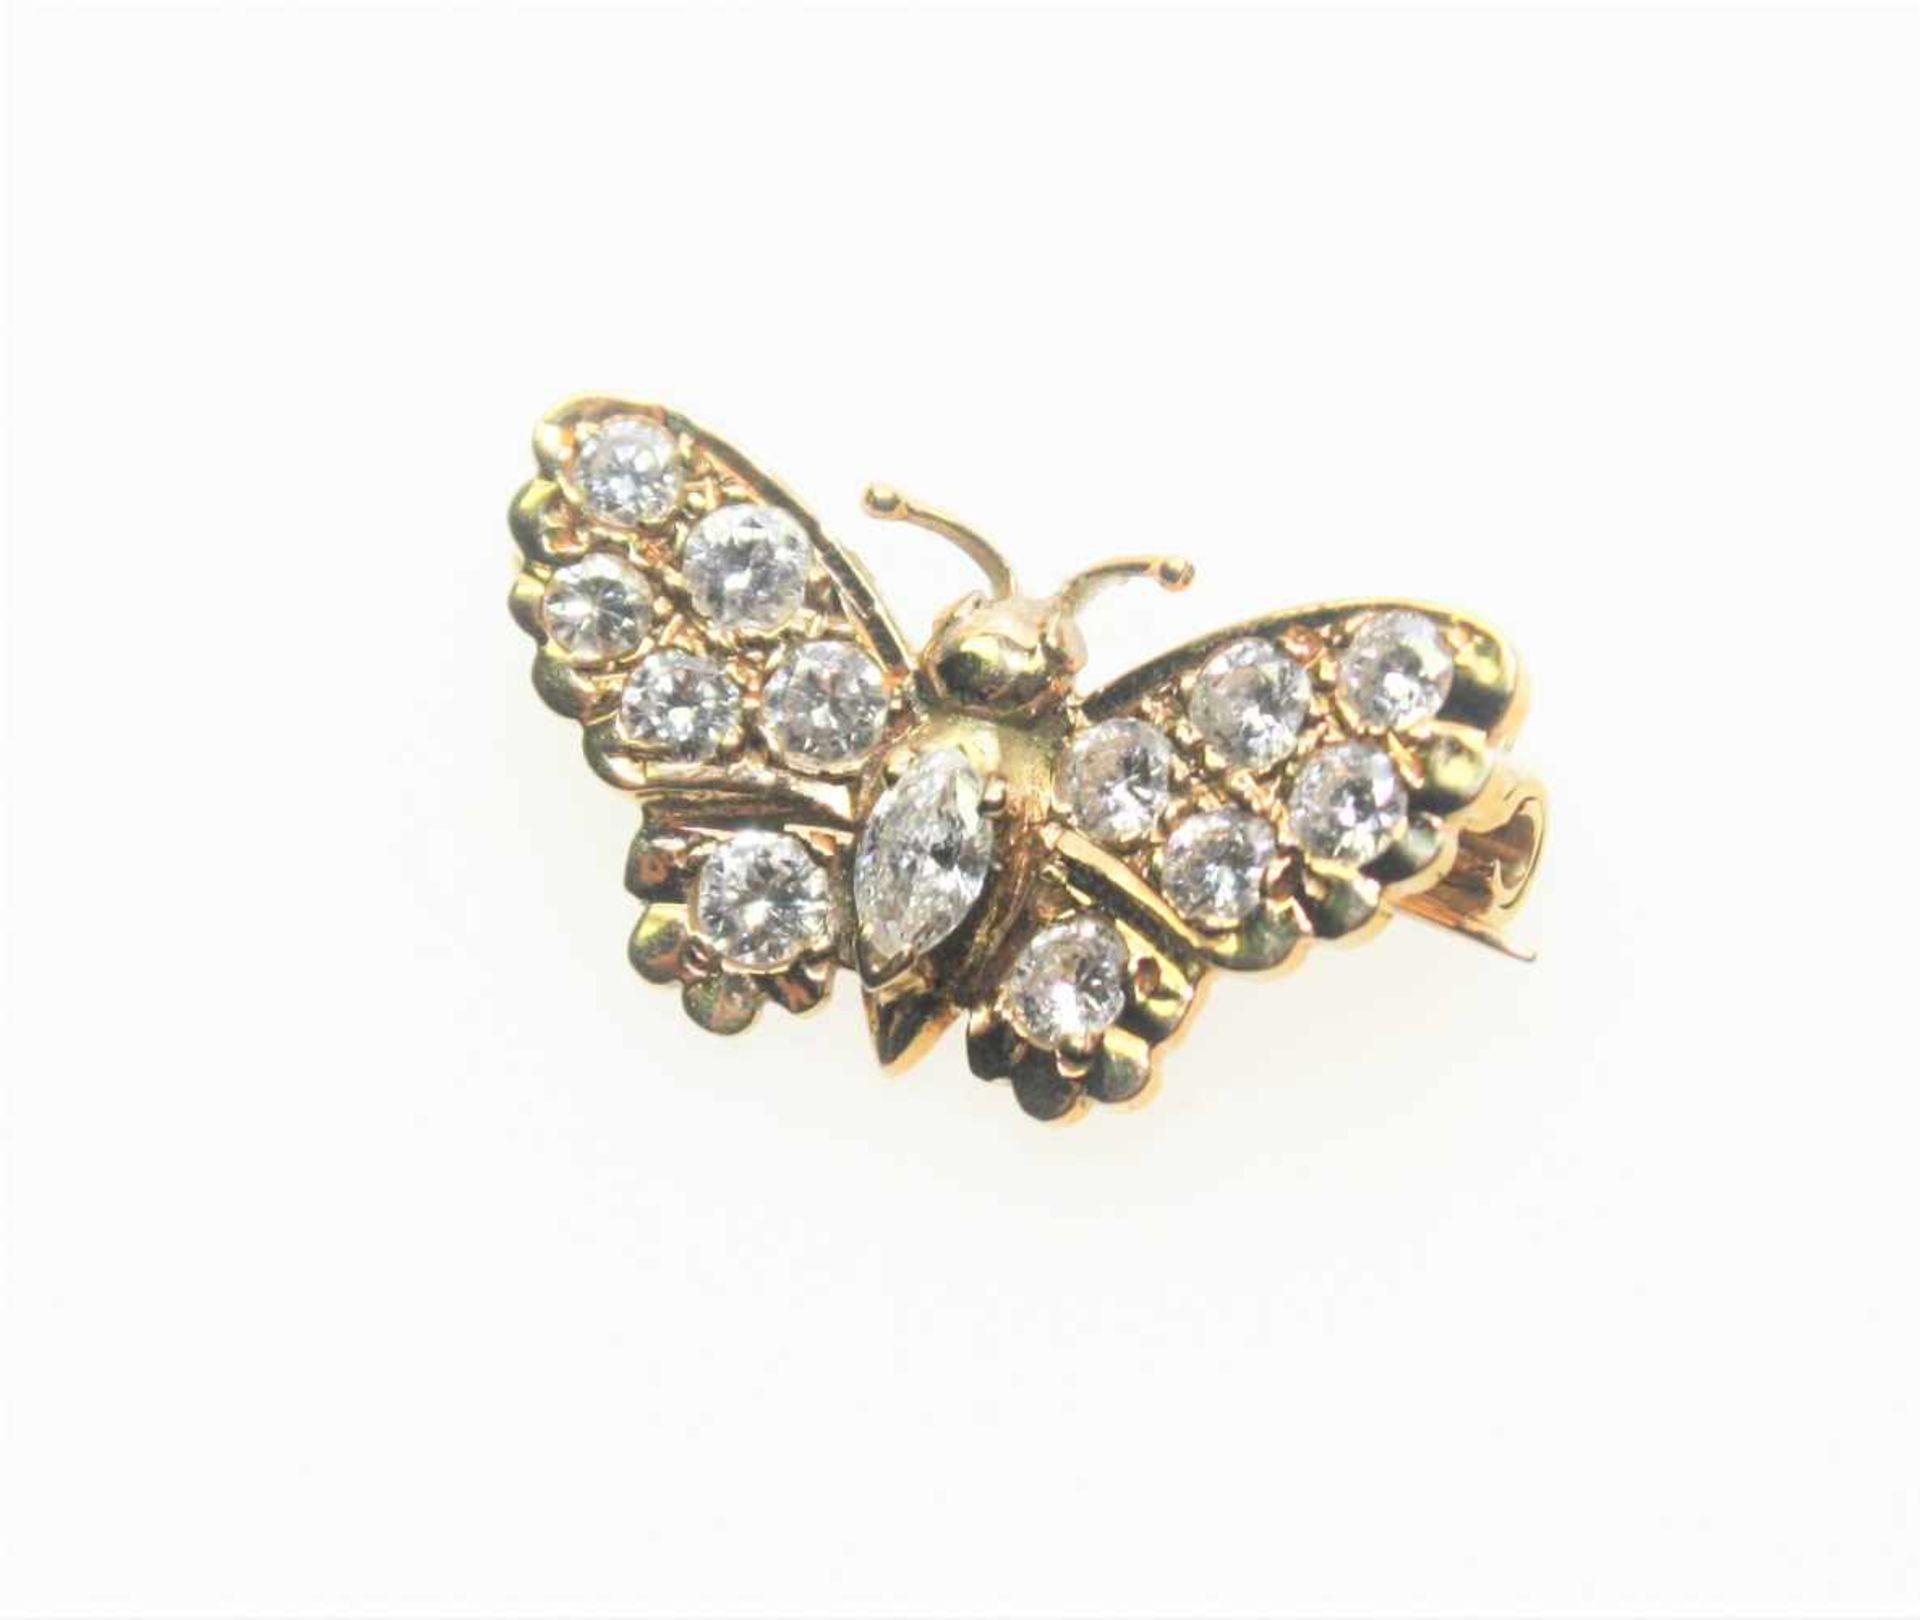 Kleiner, goldener Schmetterling als Anstecknadel 750/f gest., ausgefasst mit Diamanten in